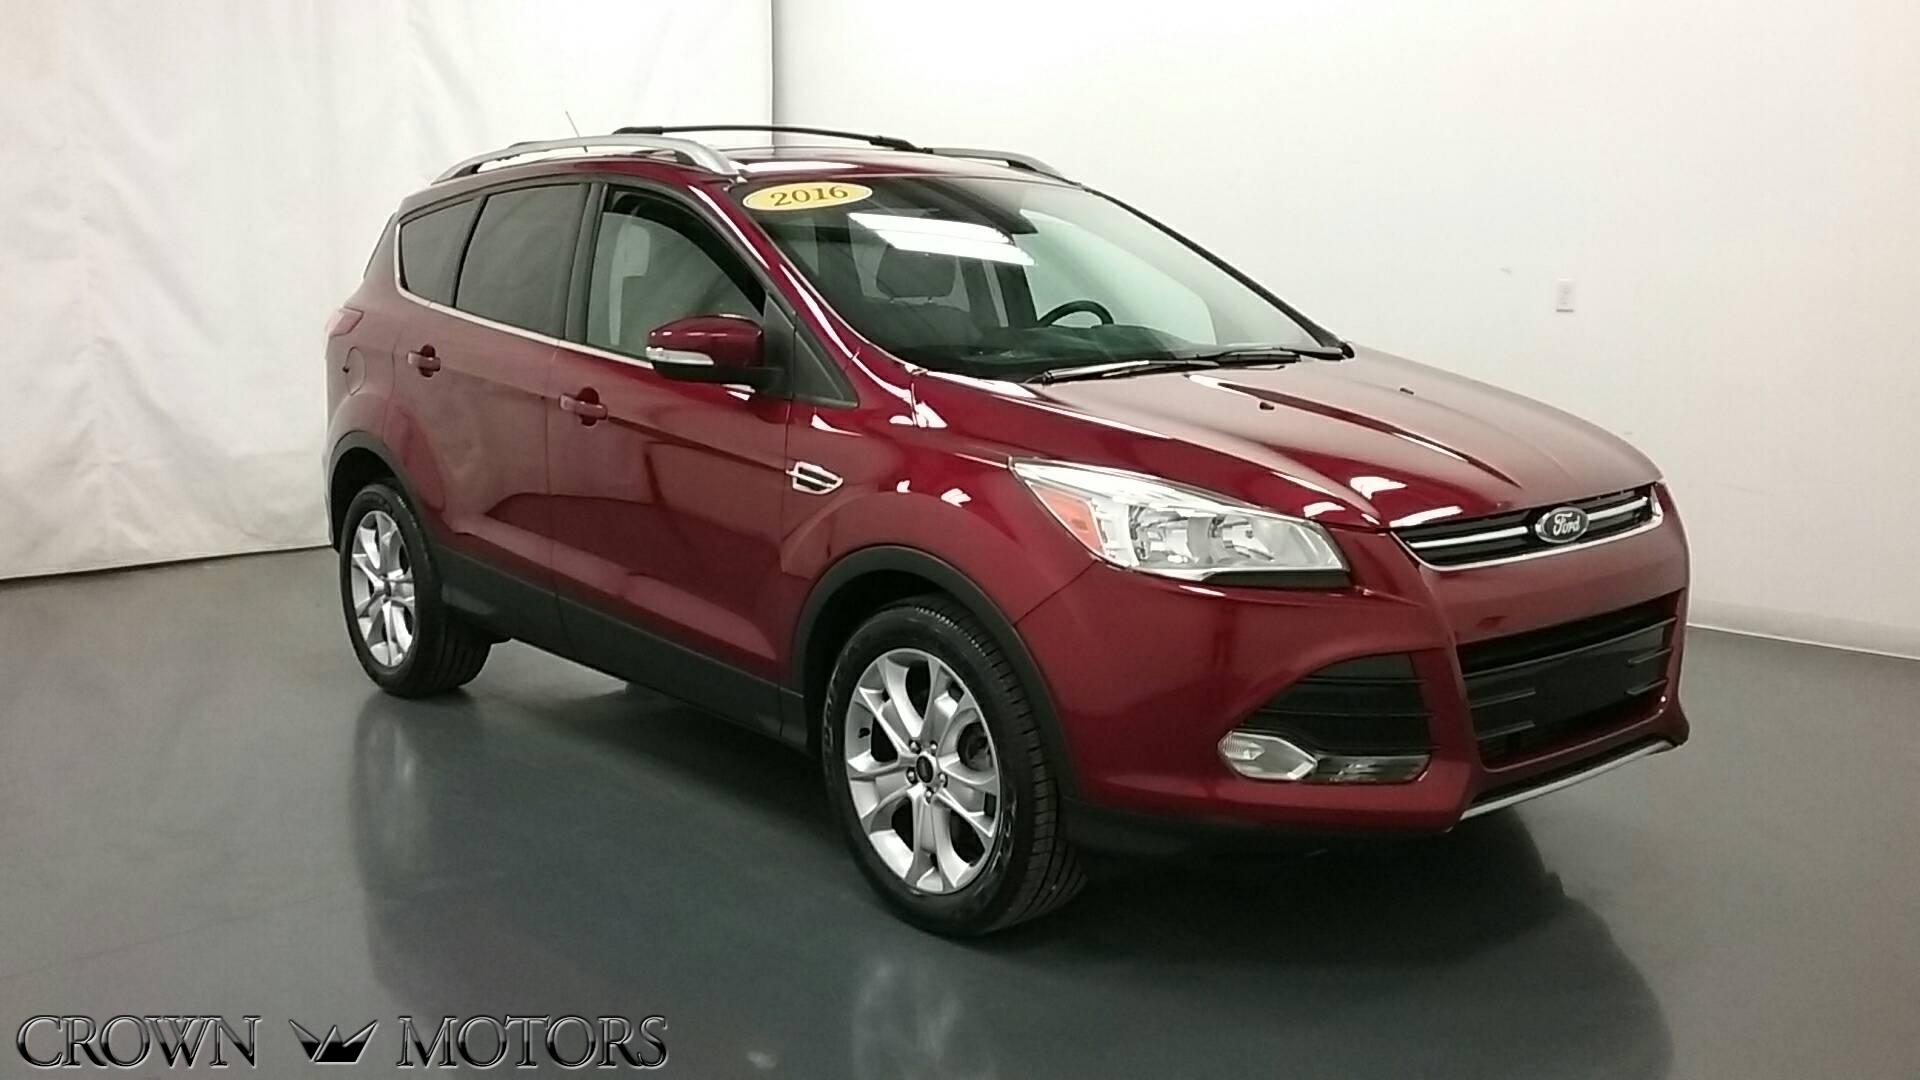 Denooyer Chevrolet New Chevrolet And Used Car Dealer In